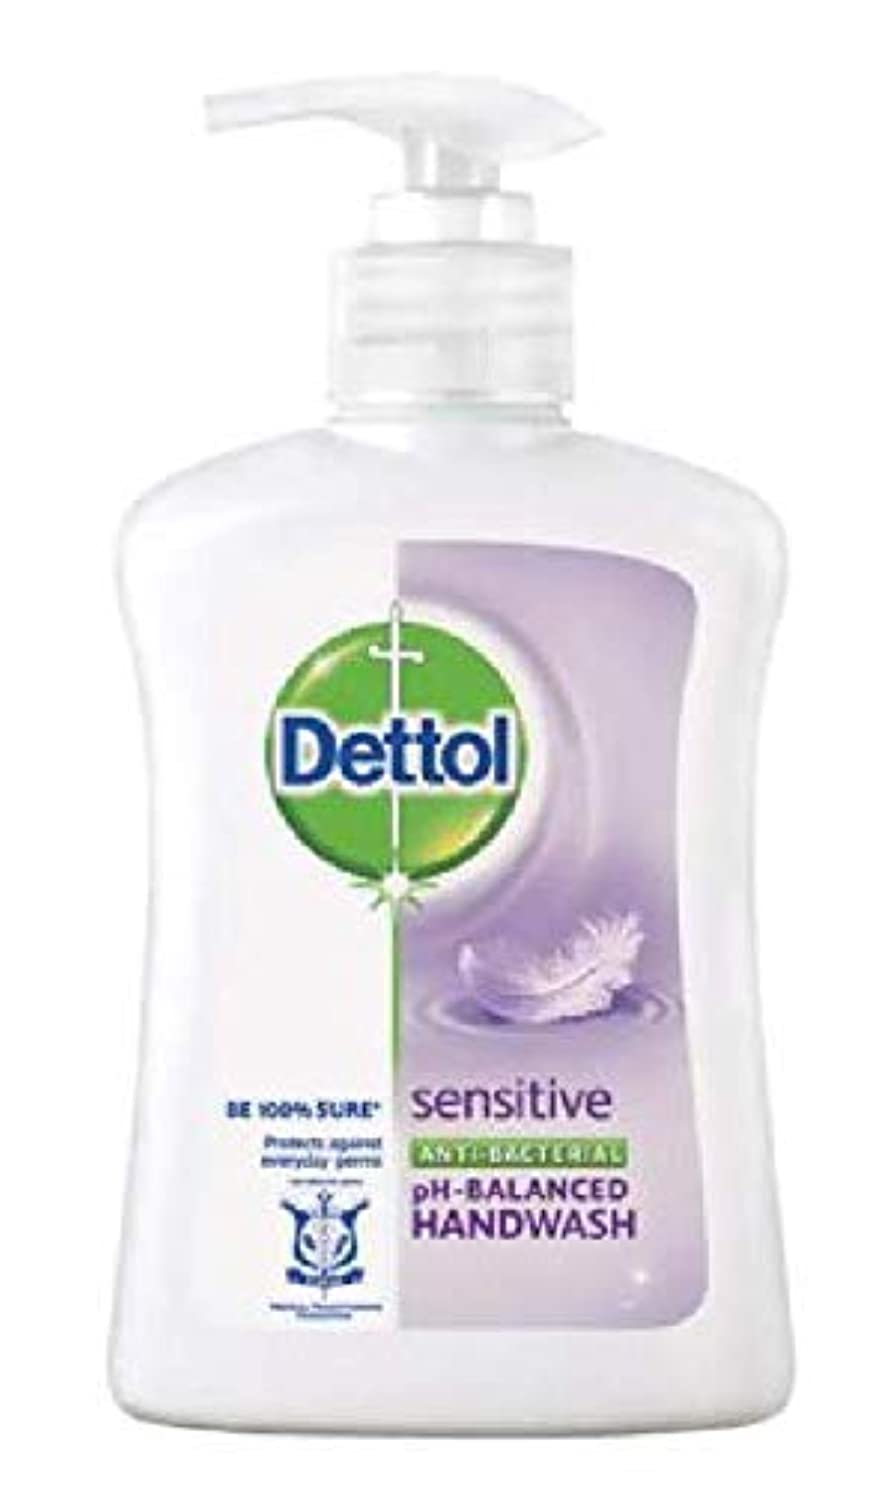 貫通彼無駄だDettol 抗菌性のphバランスの手洗いに敏感な250mlは、細菌から手を保護して、穏やかにきれいにします、24時間99.9%の抗菌保護を提供